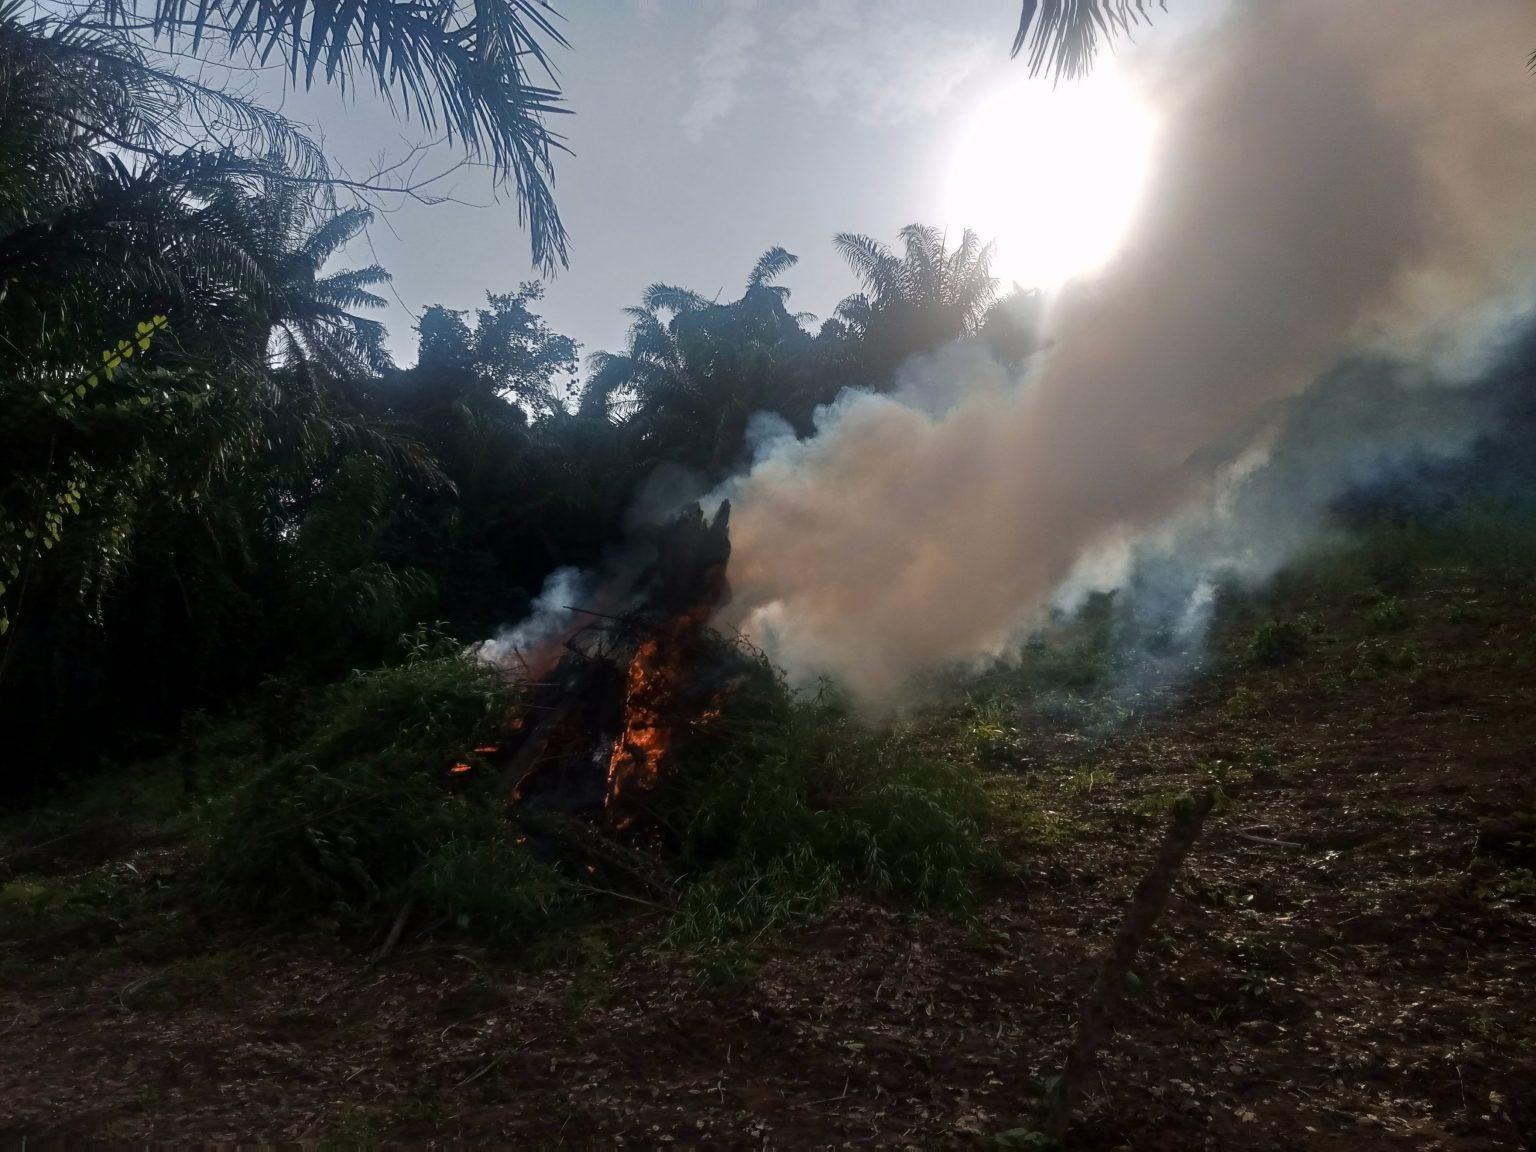 NDLEA Destroy Cannabis Farm Worth Over N1.5bn, Owner Arrested in Kogi (Photos)